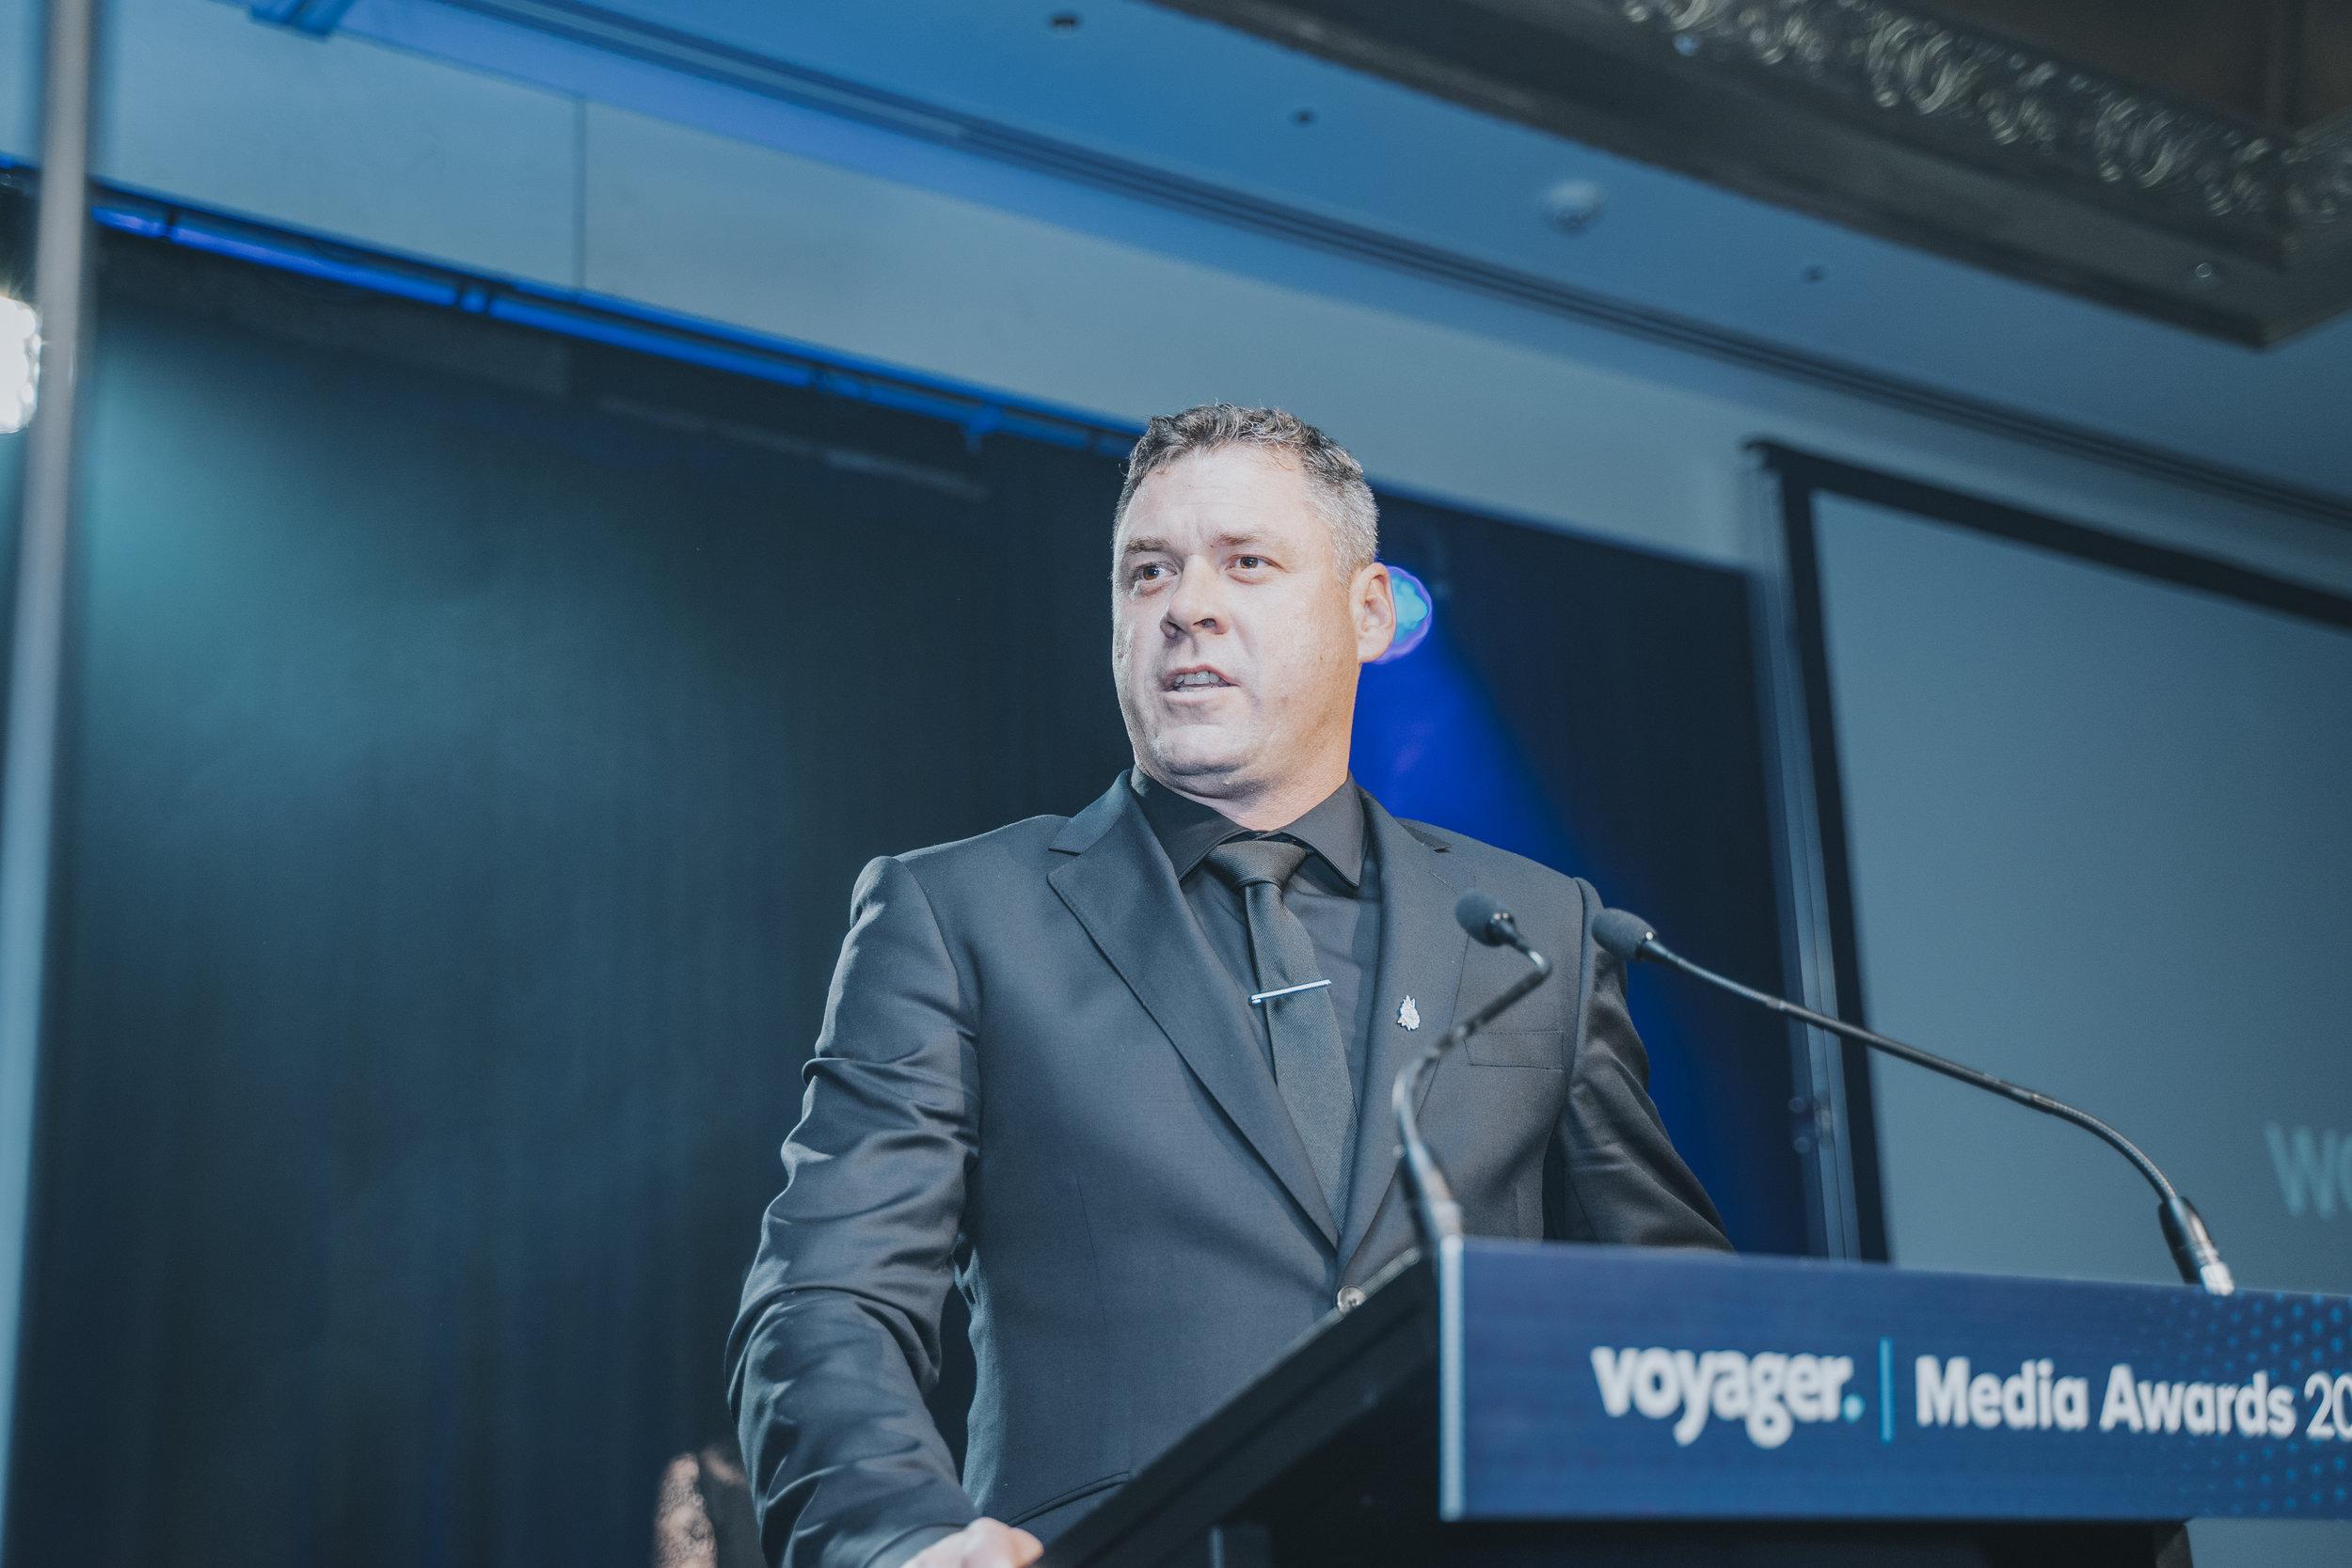 Voyager Media Awards 2018-437.JPG